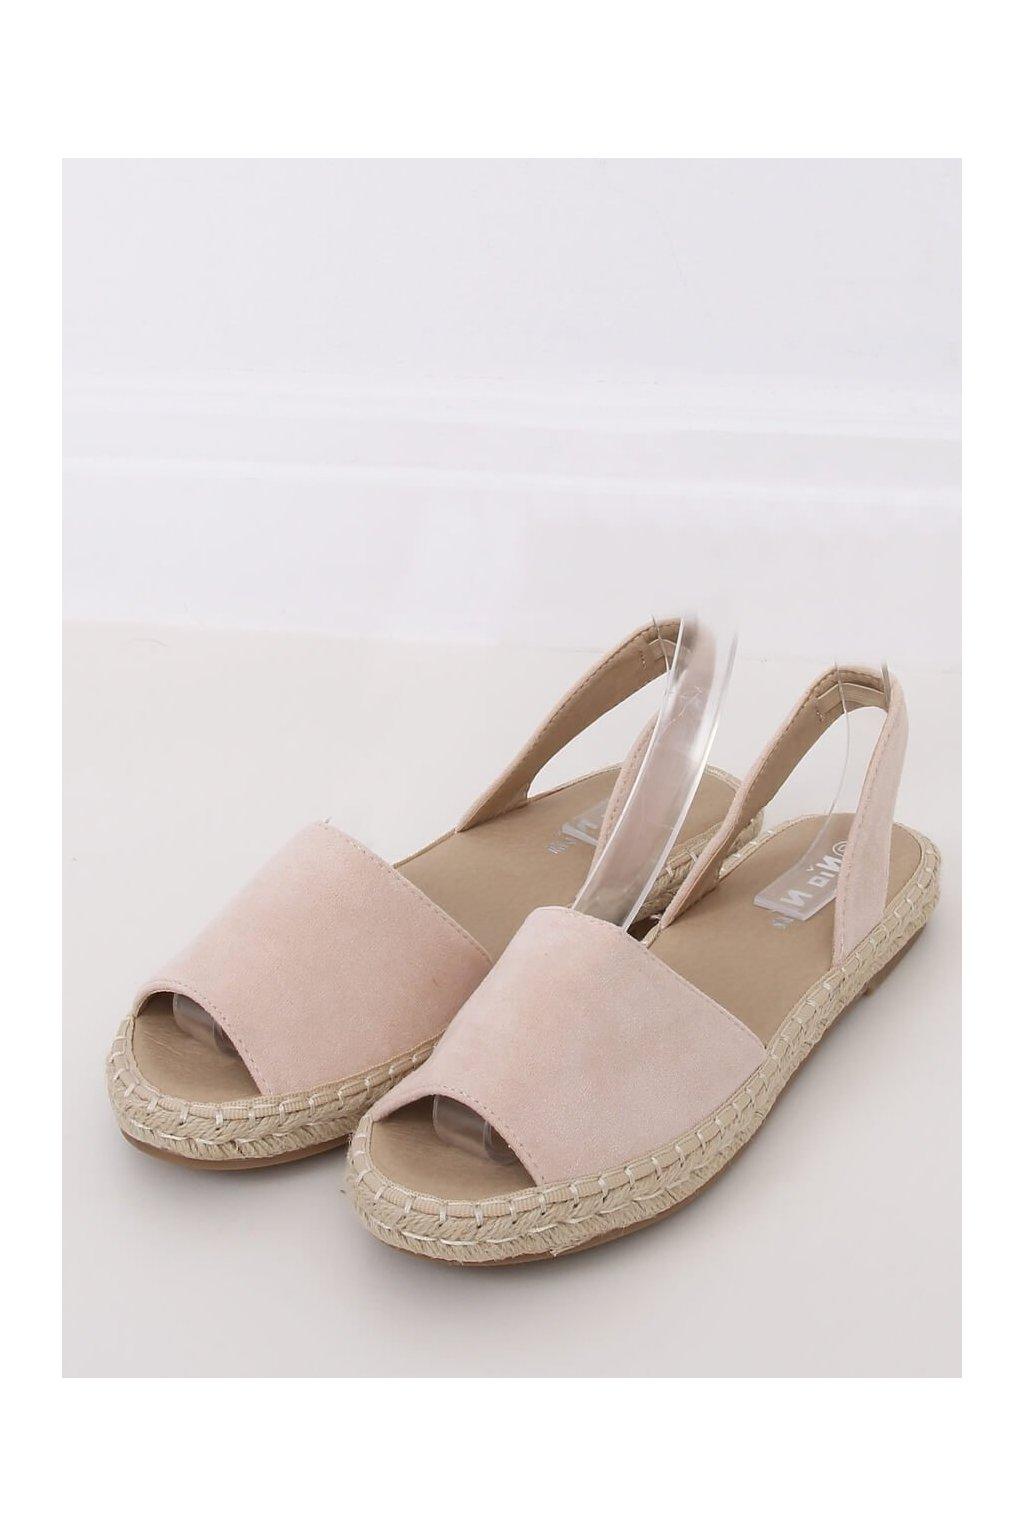 Béžové sandále NJSK 99-26A